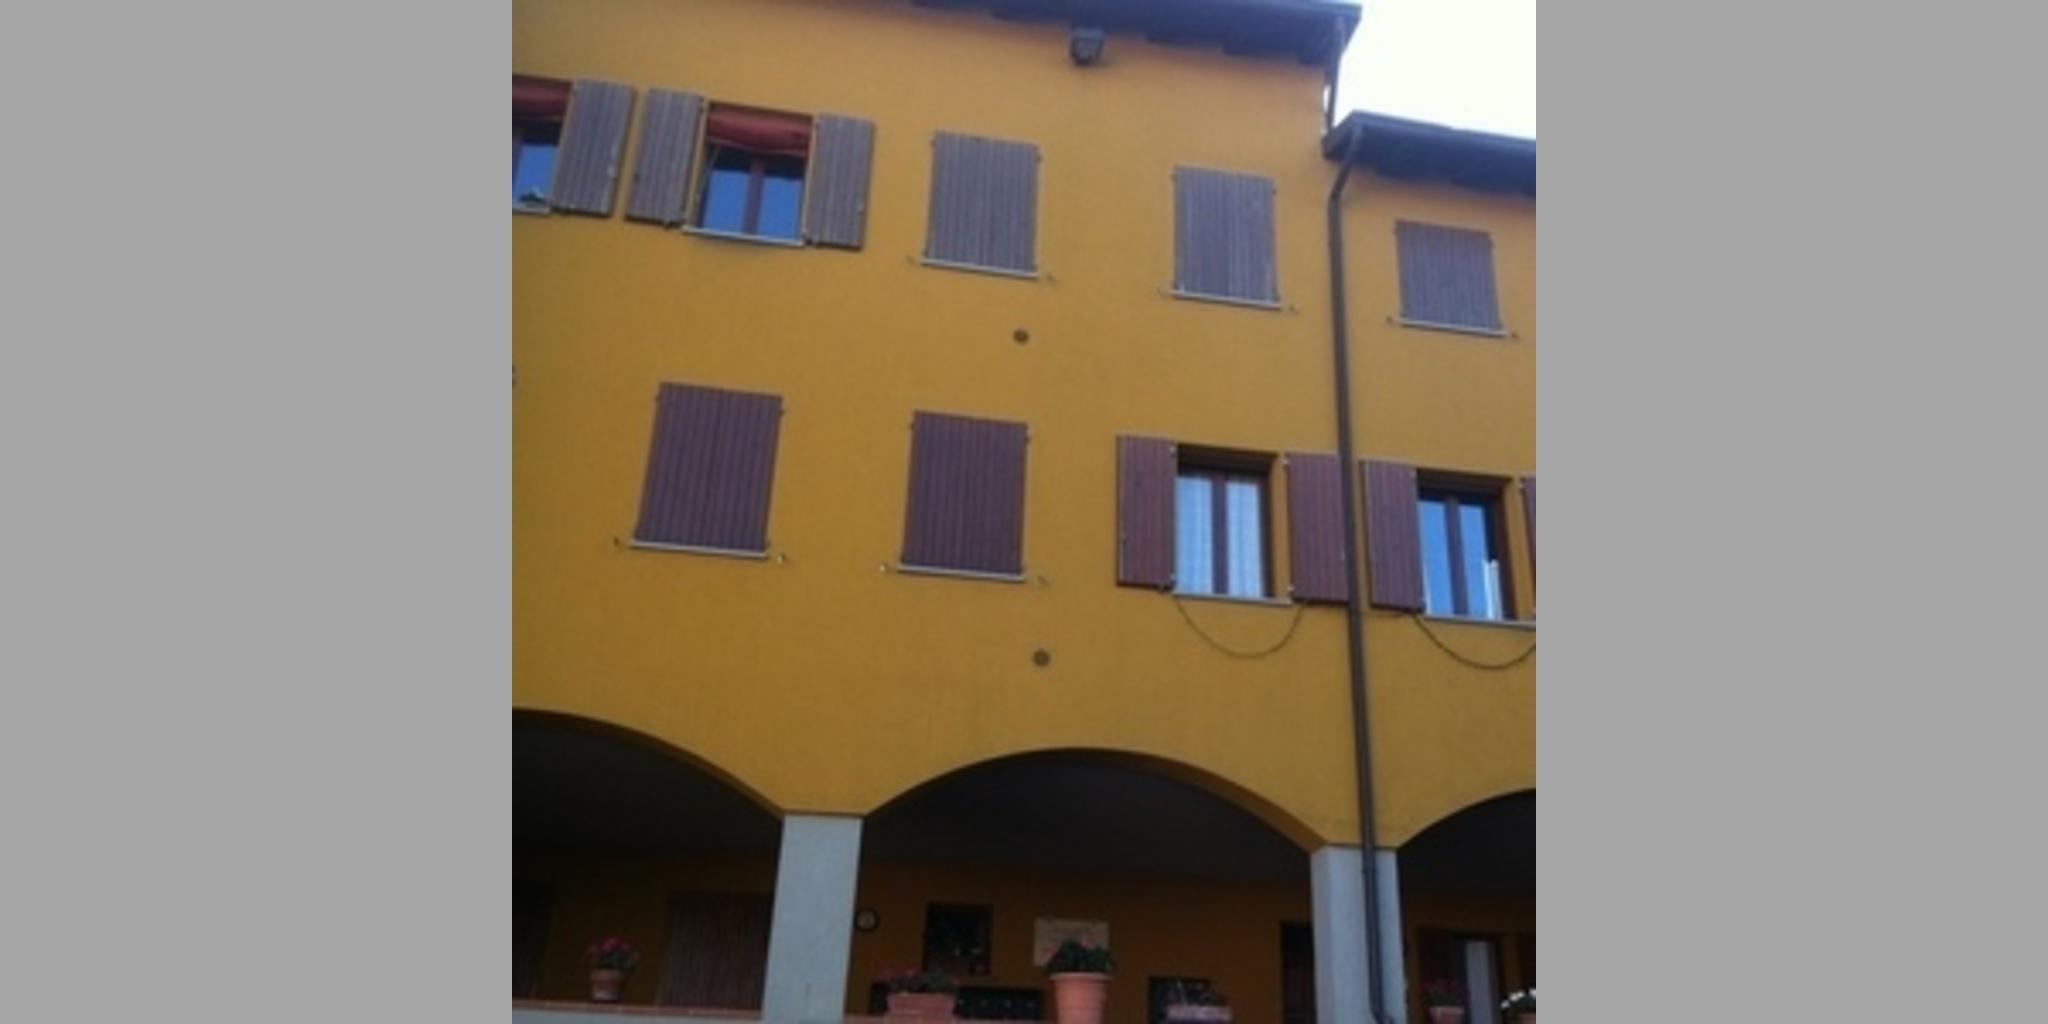 Apartment Borgo Tossignano - Parco Regionale Della Vena